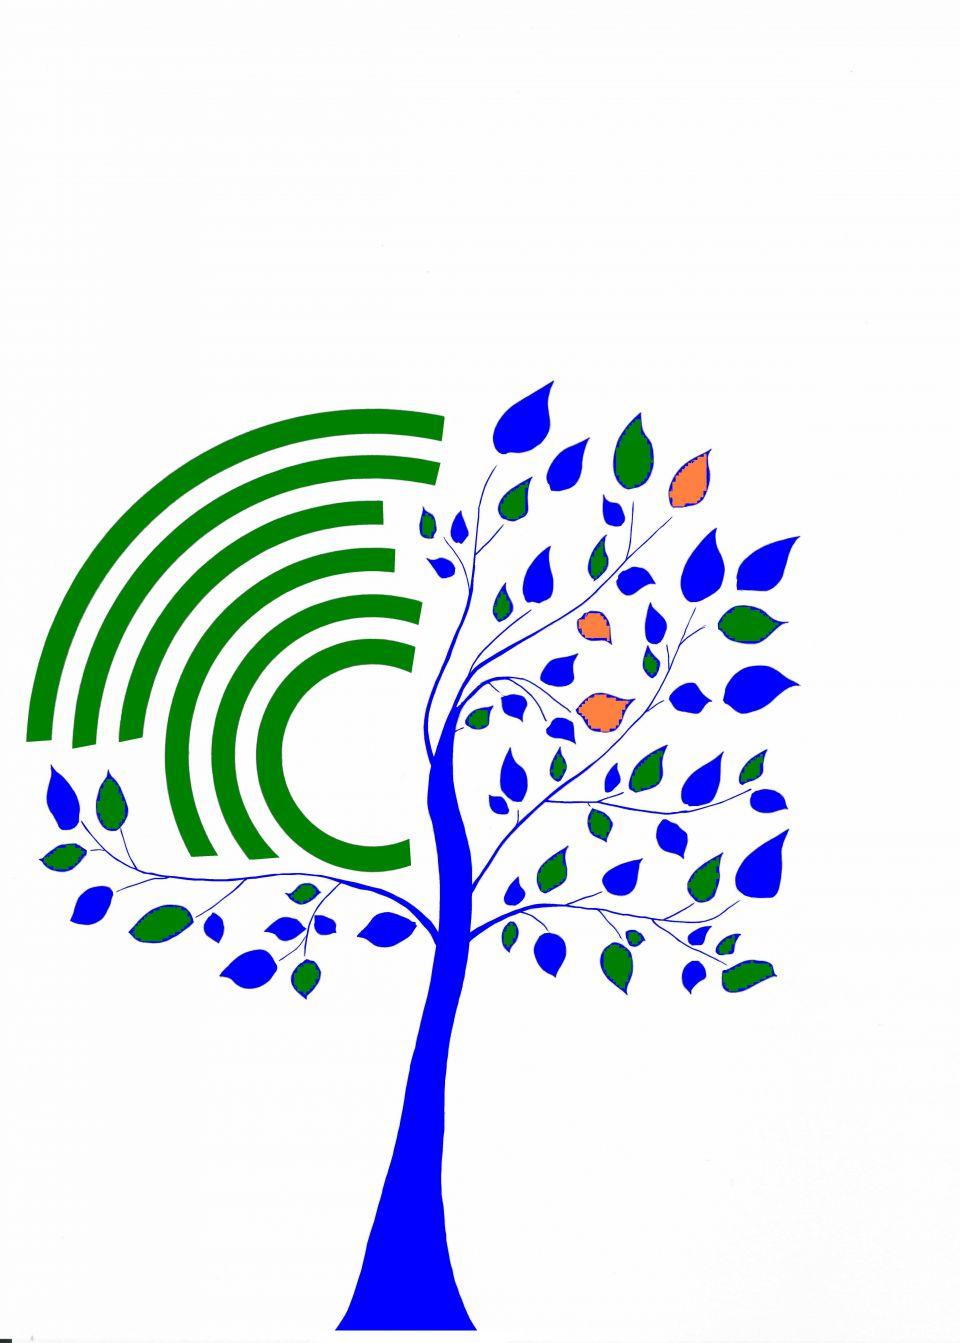 plantationvendee.blog4ever.com